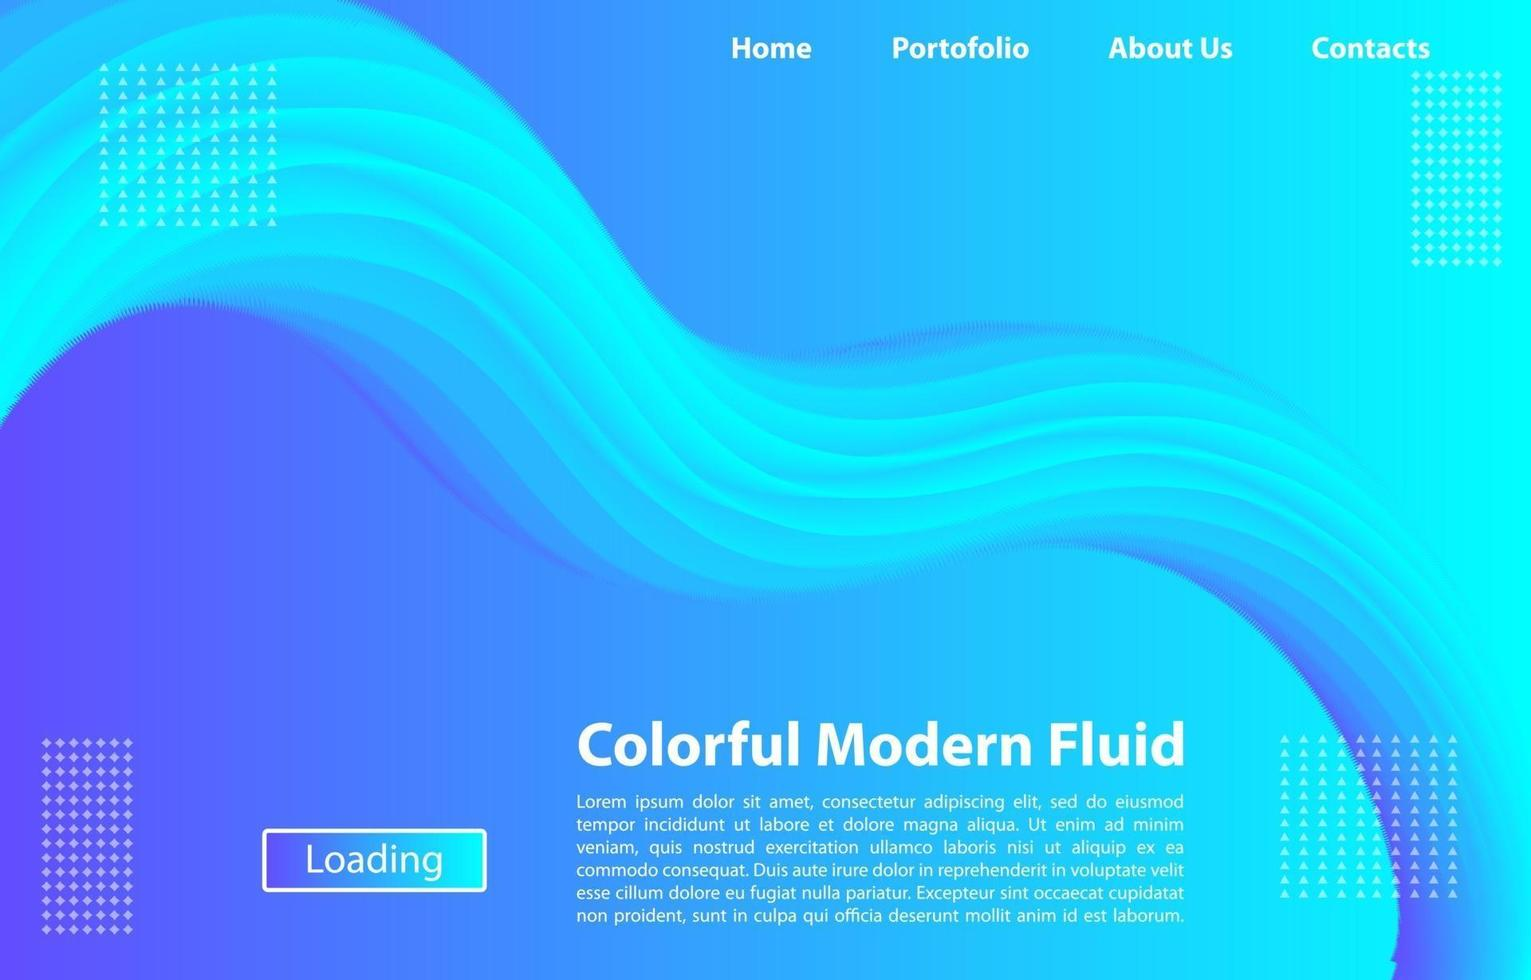 bunte 3d moderne fließende Hintergrund.Design-Vorlage für Landing Page, Banner, Poster, Cover, etc. vektor